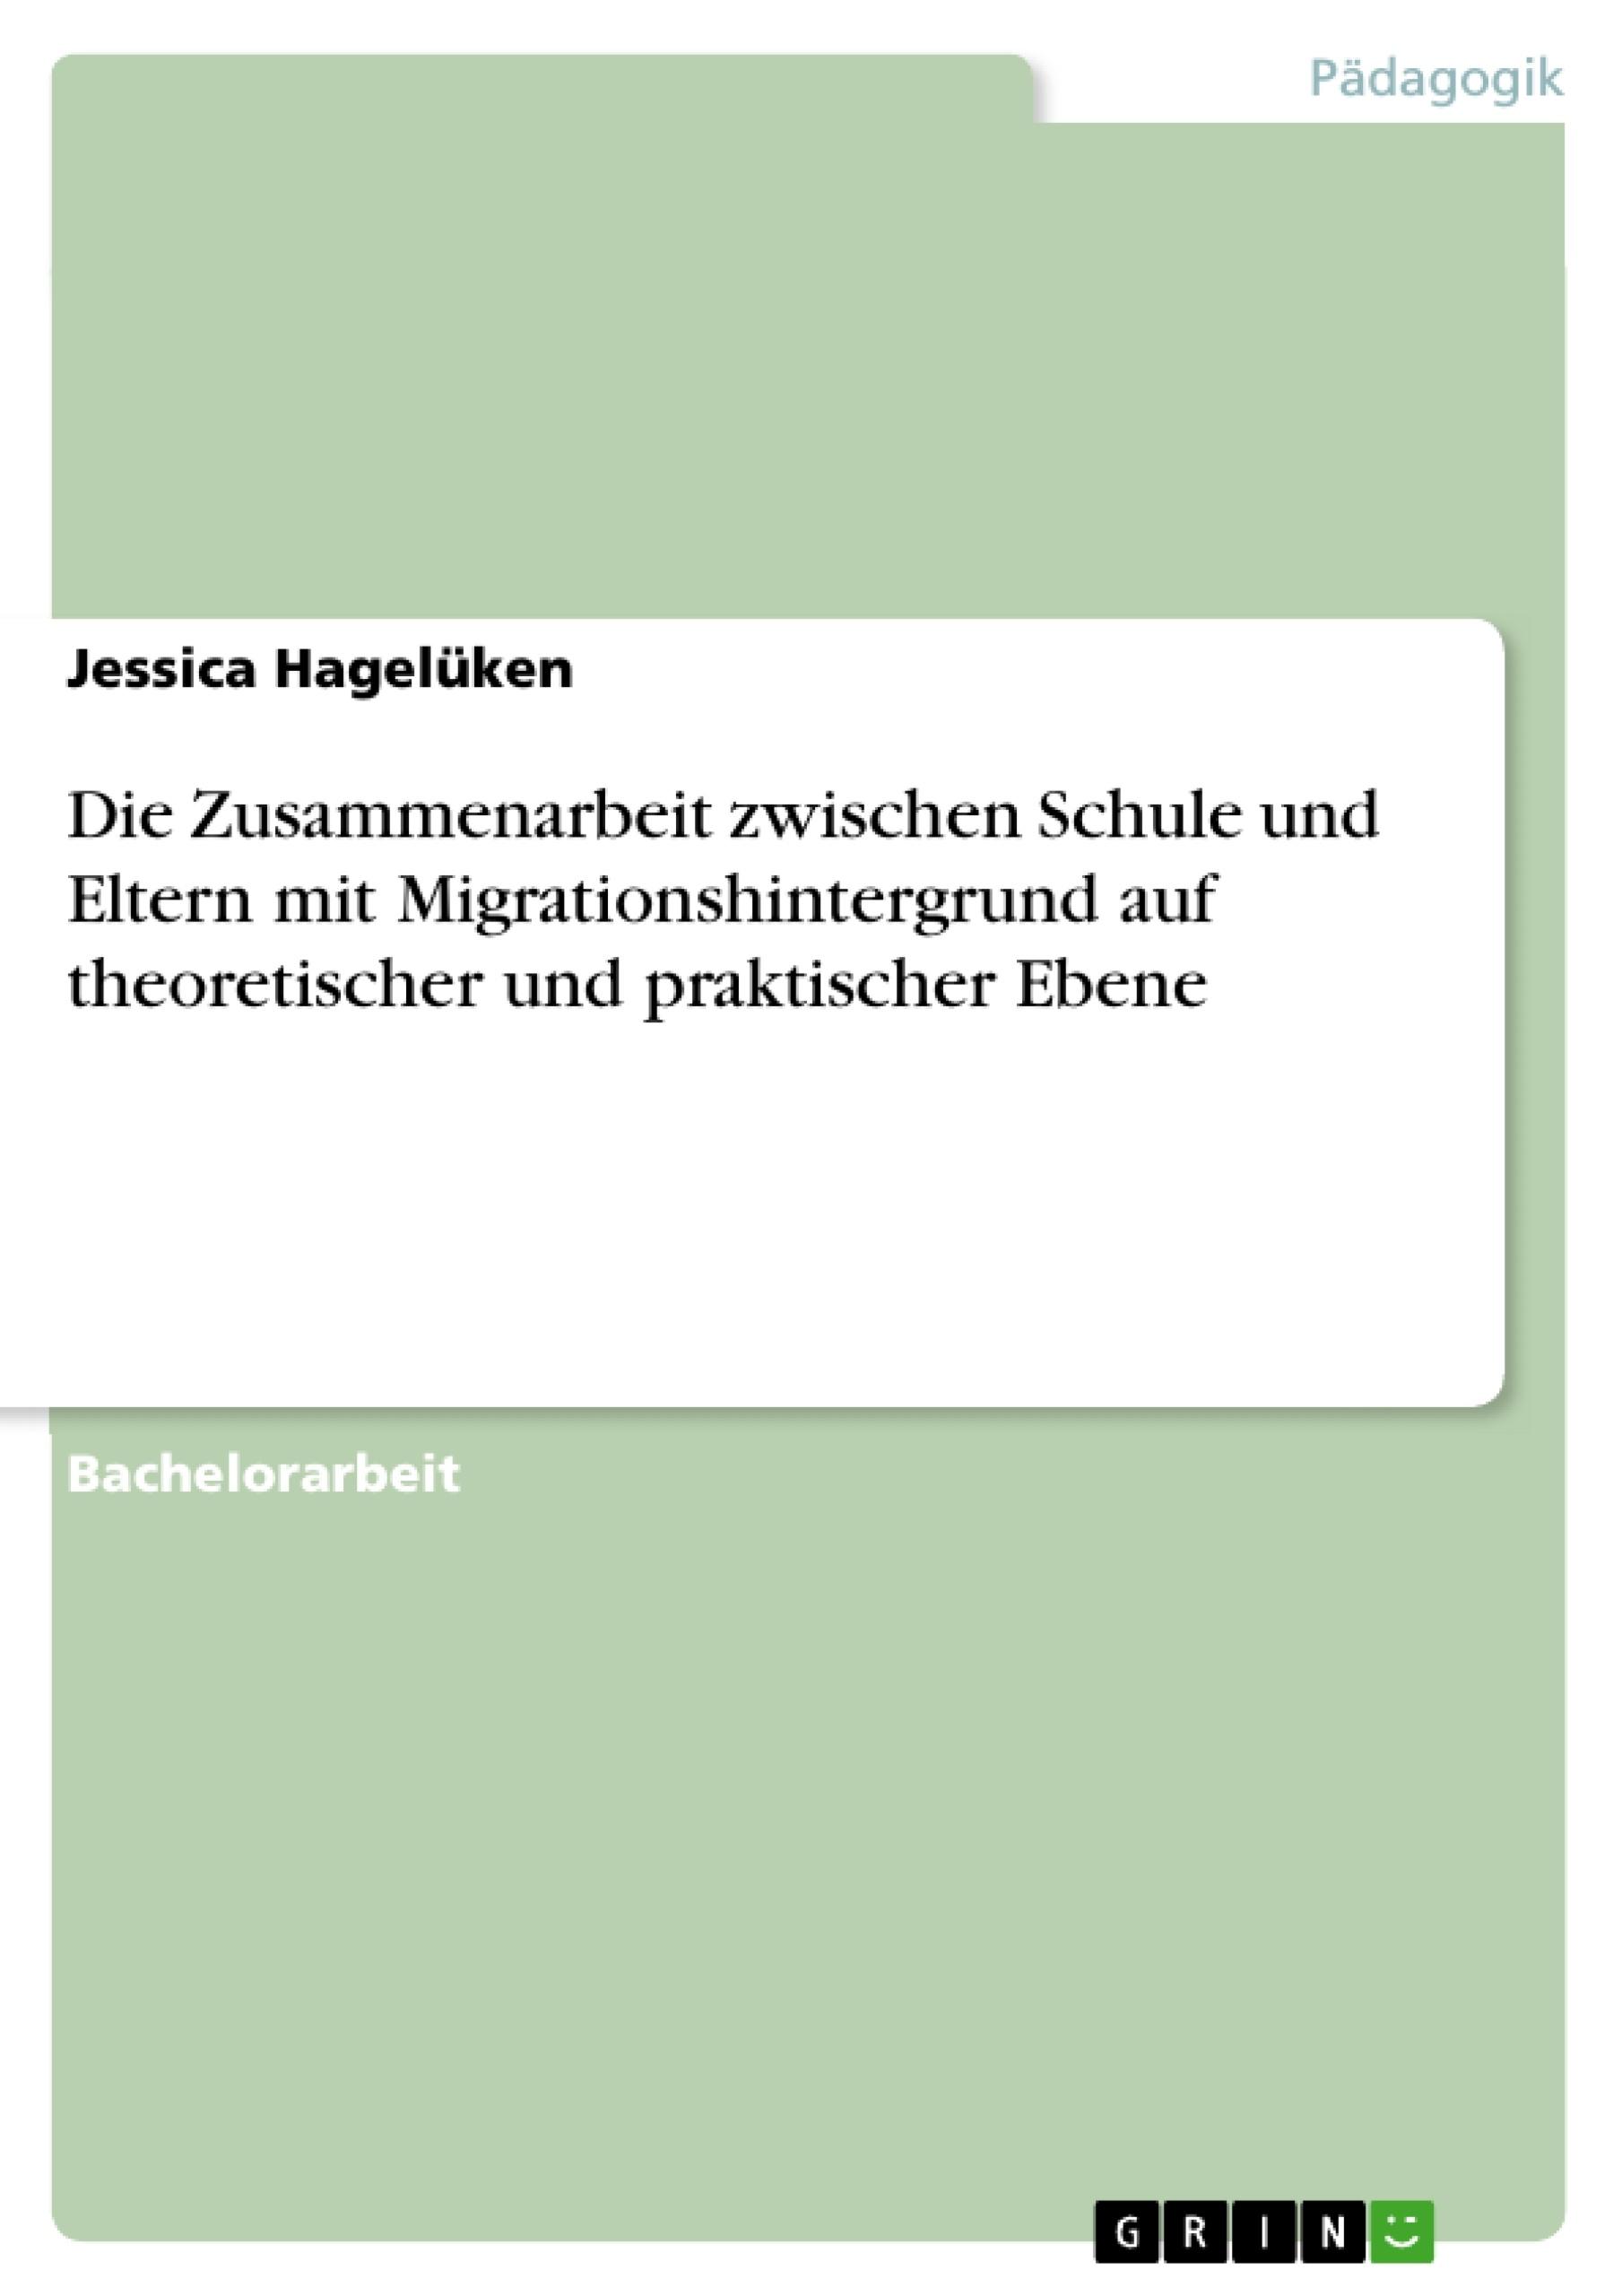 Titel: Die Zusammenarbeit zwischen Schule und Eltern mit Migrationshintergrund auf theoretischer und praktischer Ebene